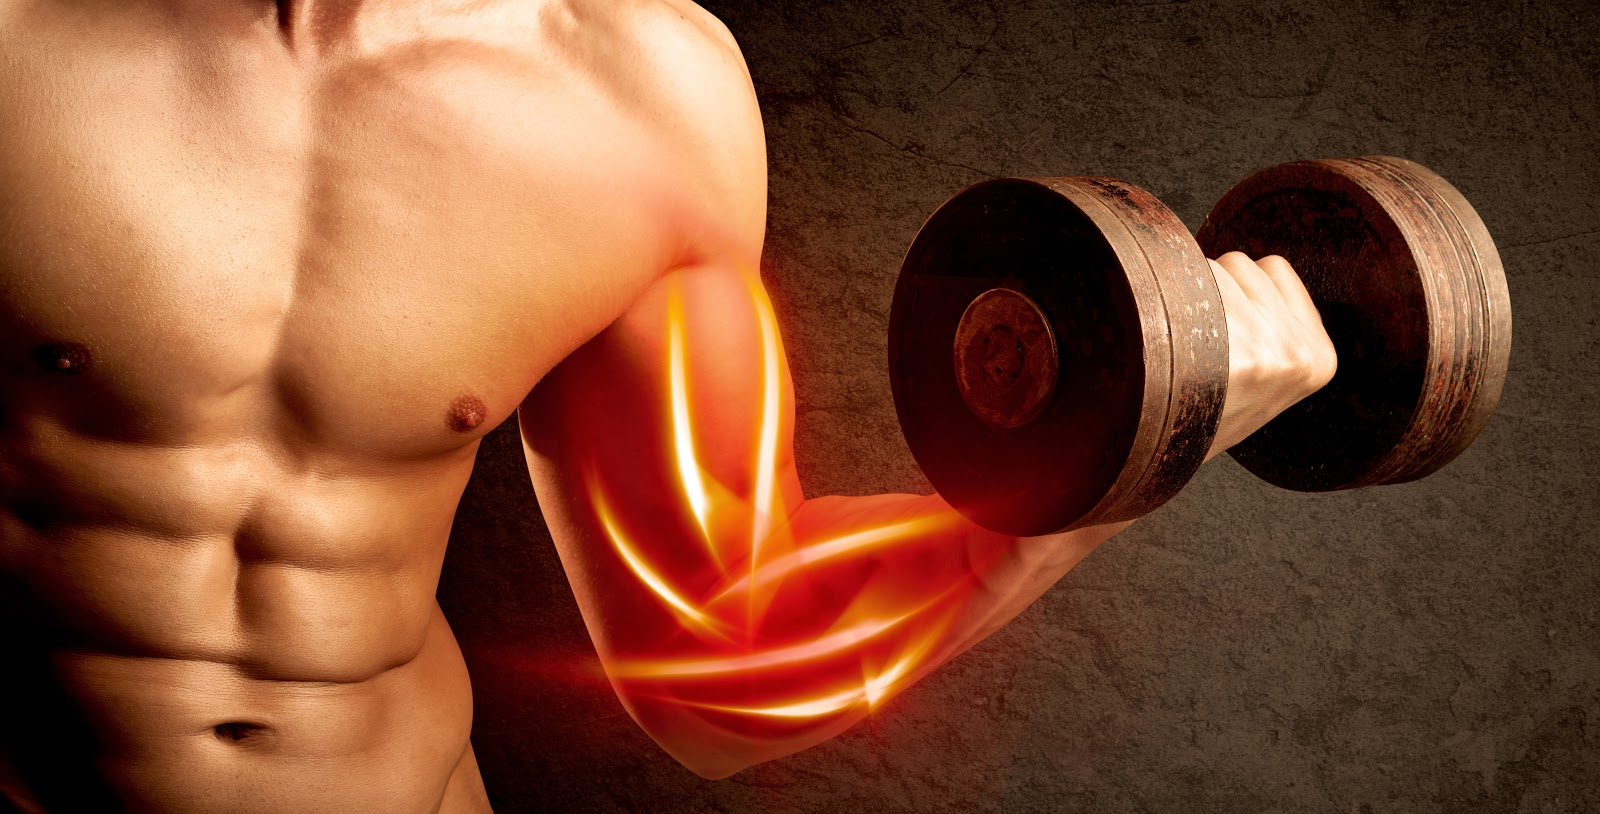 Febra musculară. Trucuri ca să scapi de durerile musculare